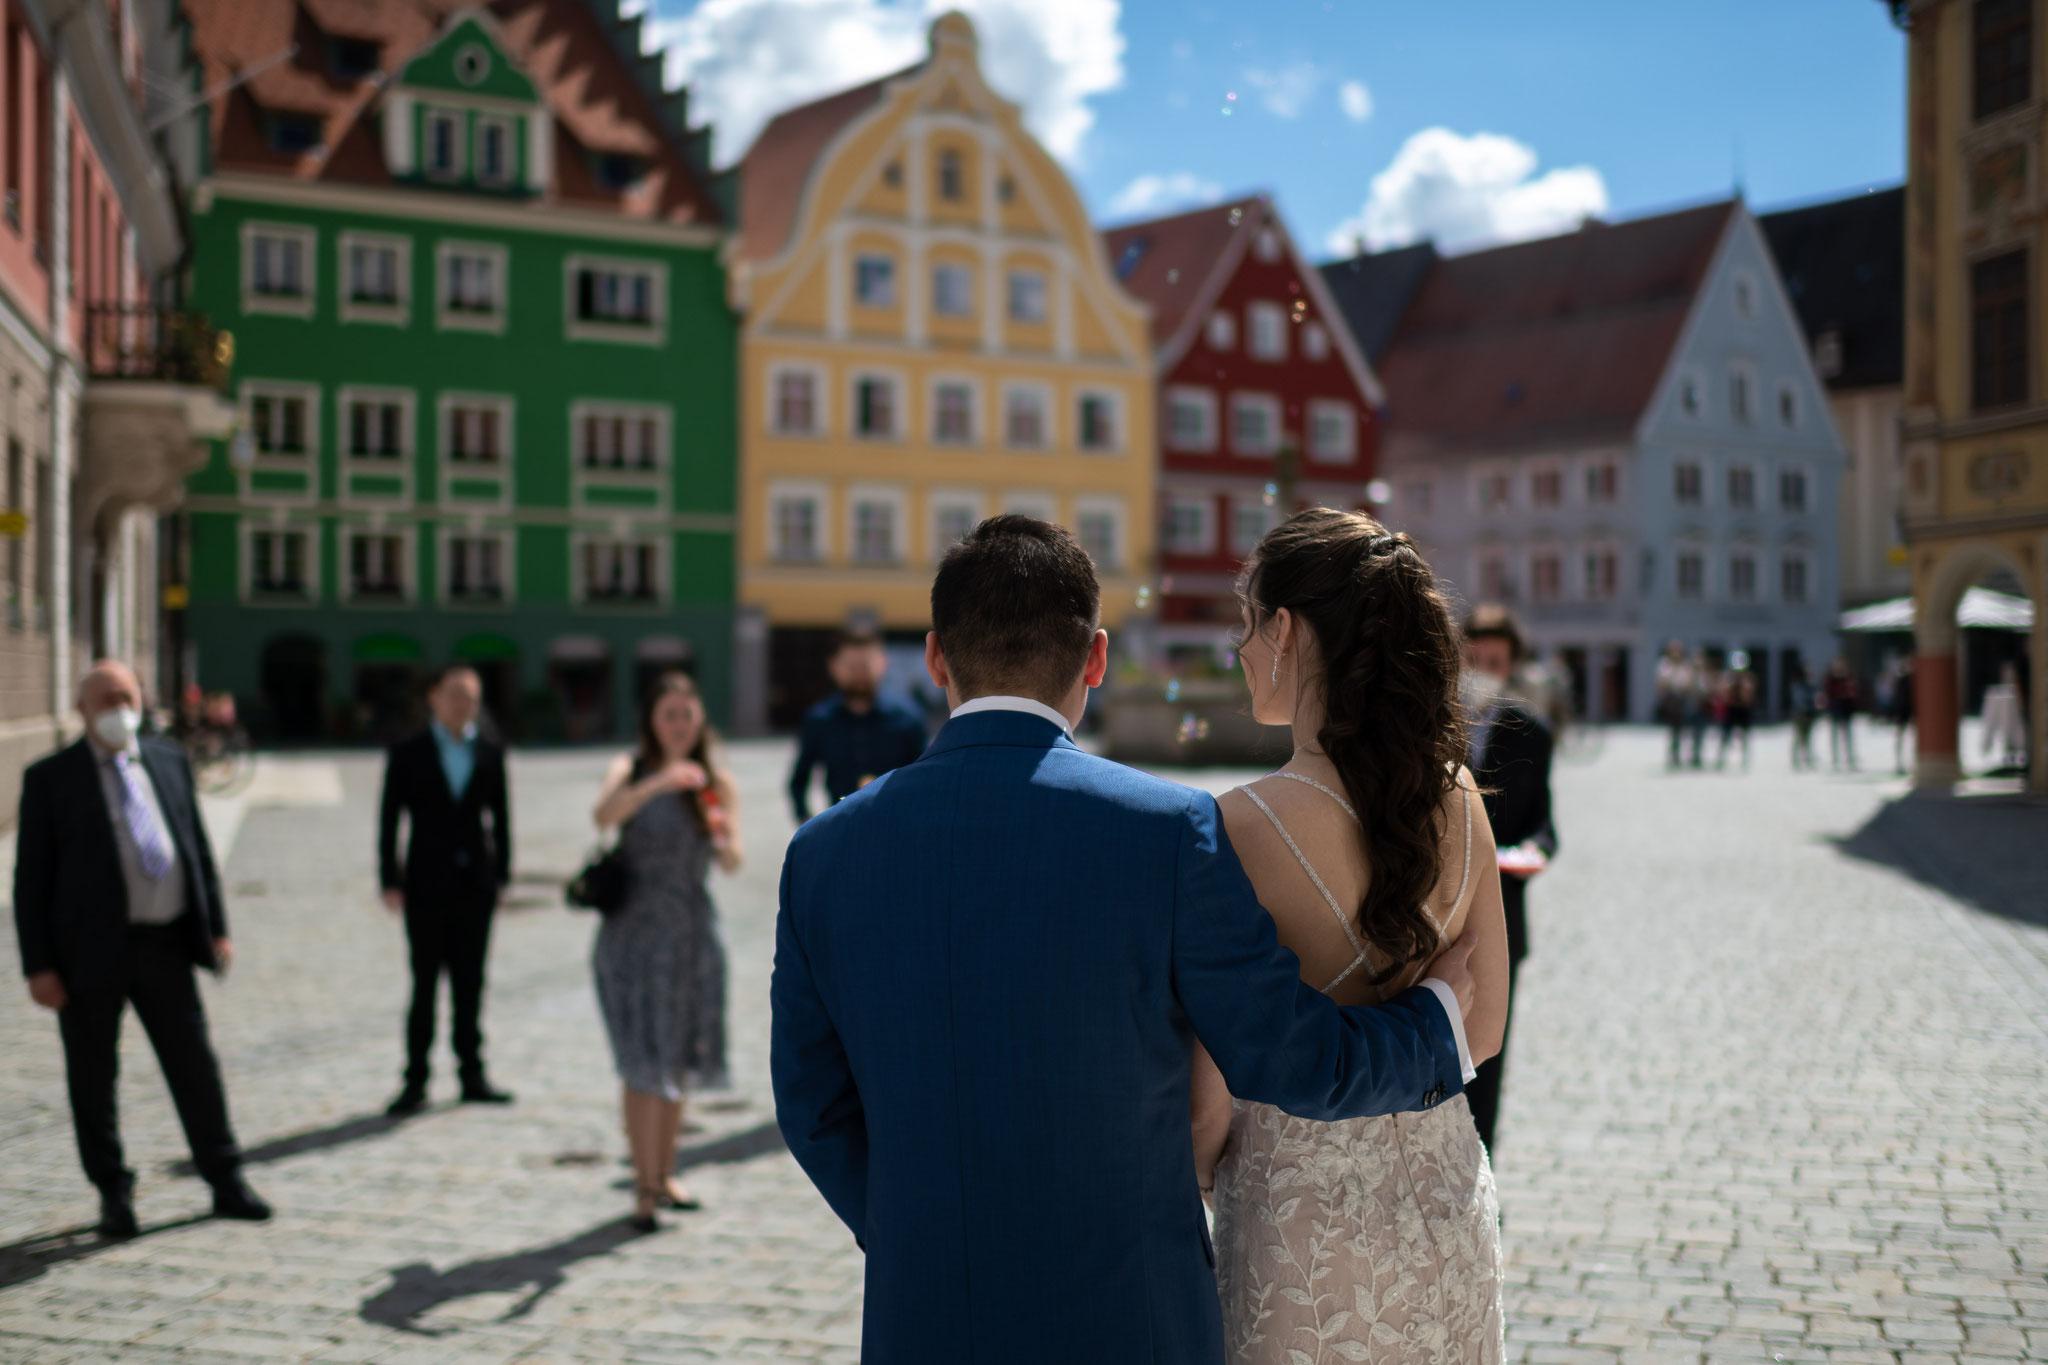 Professioneller Hochzeitsfotograf und Videograf für meine Hochzeit in Memmingen und Bayern